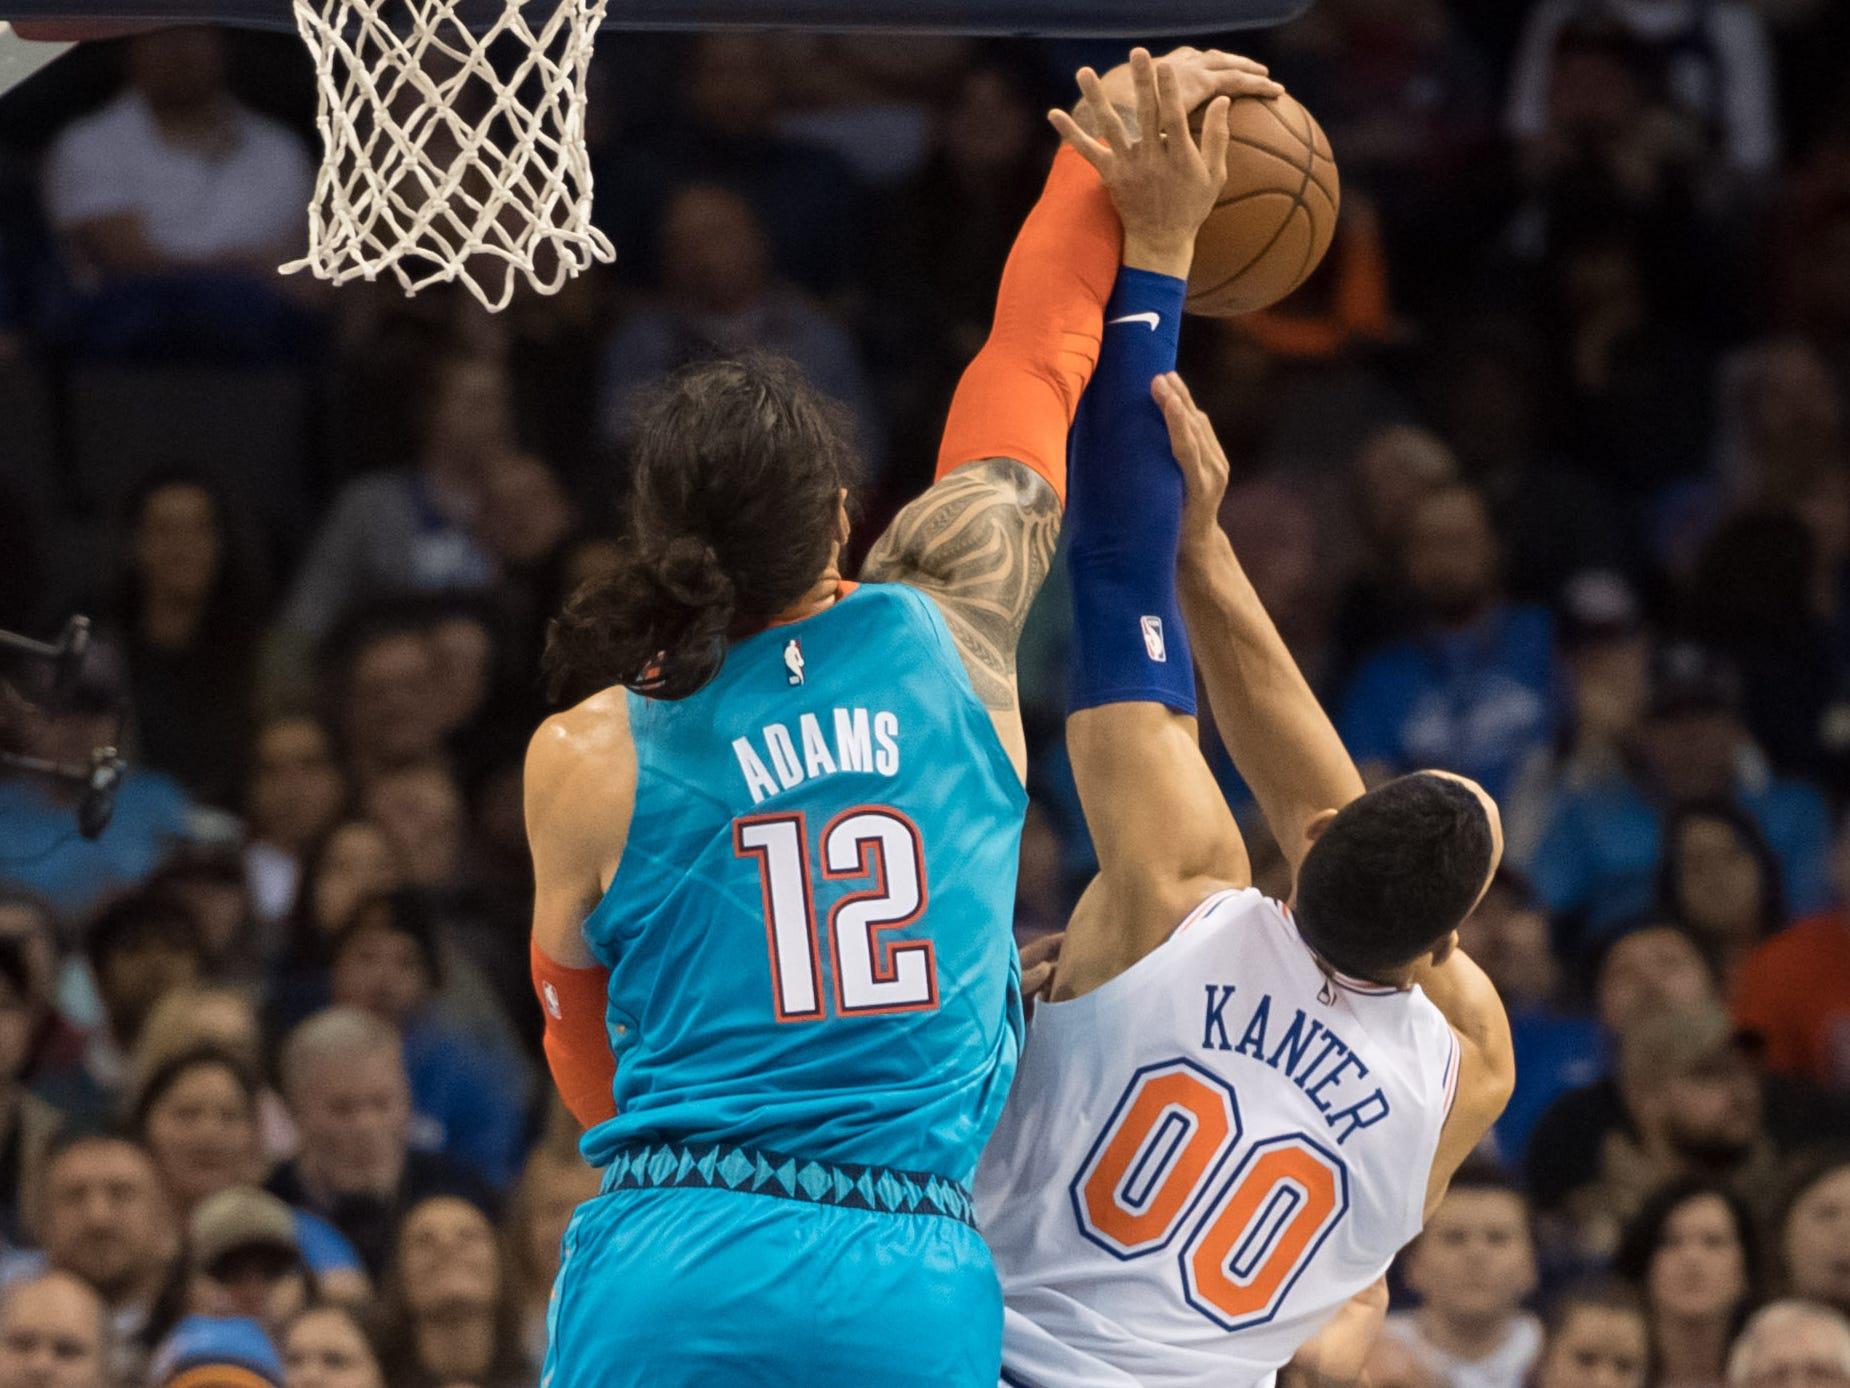 Nov. 14: Thunder center Steven Adams (12) blocks a shot attempt by Knicks center Enes Kanter (00) during the second half in Oklahoma City.